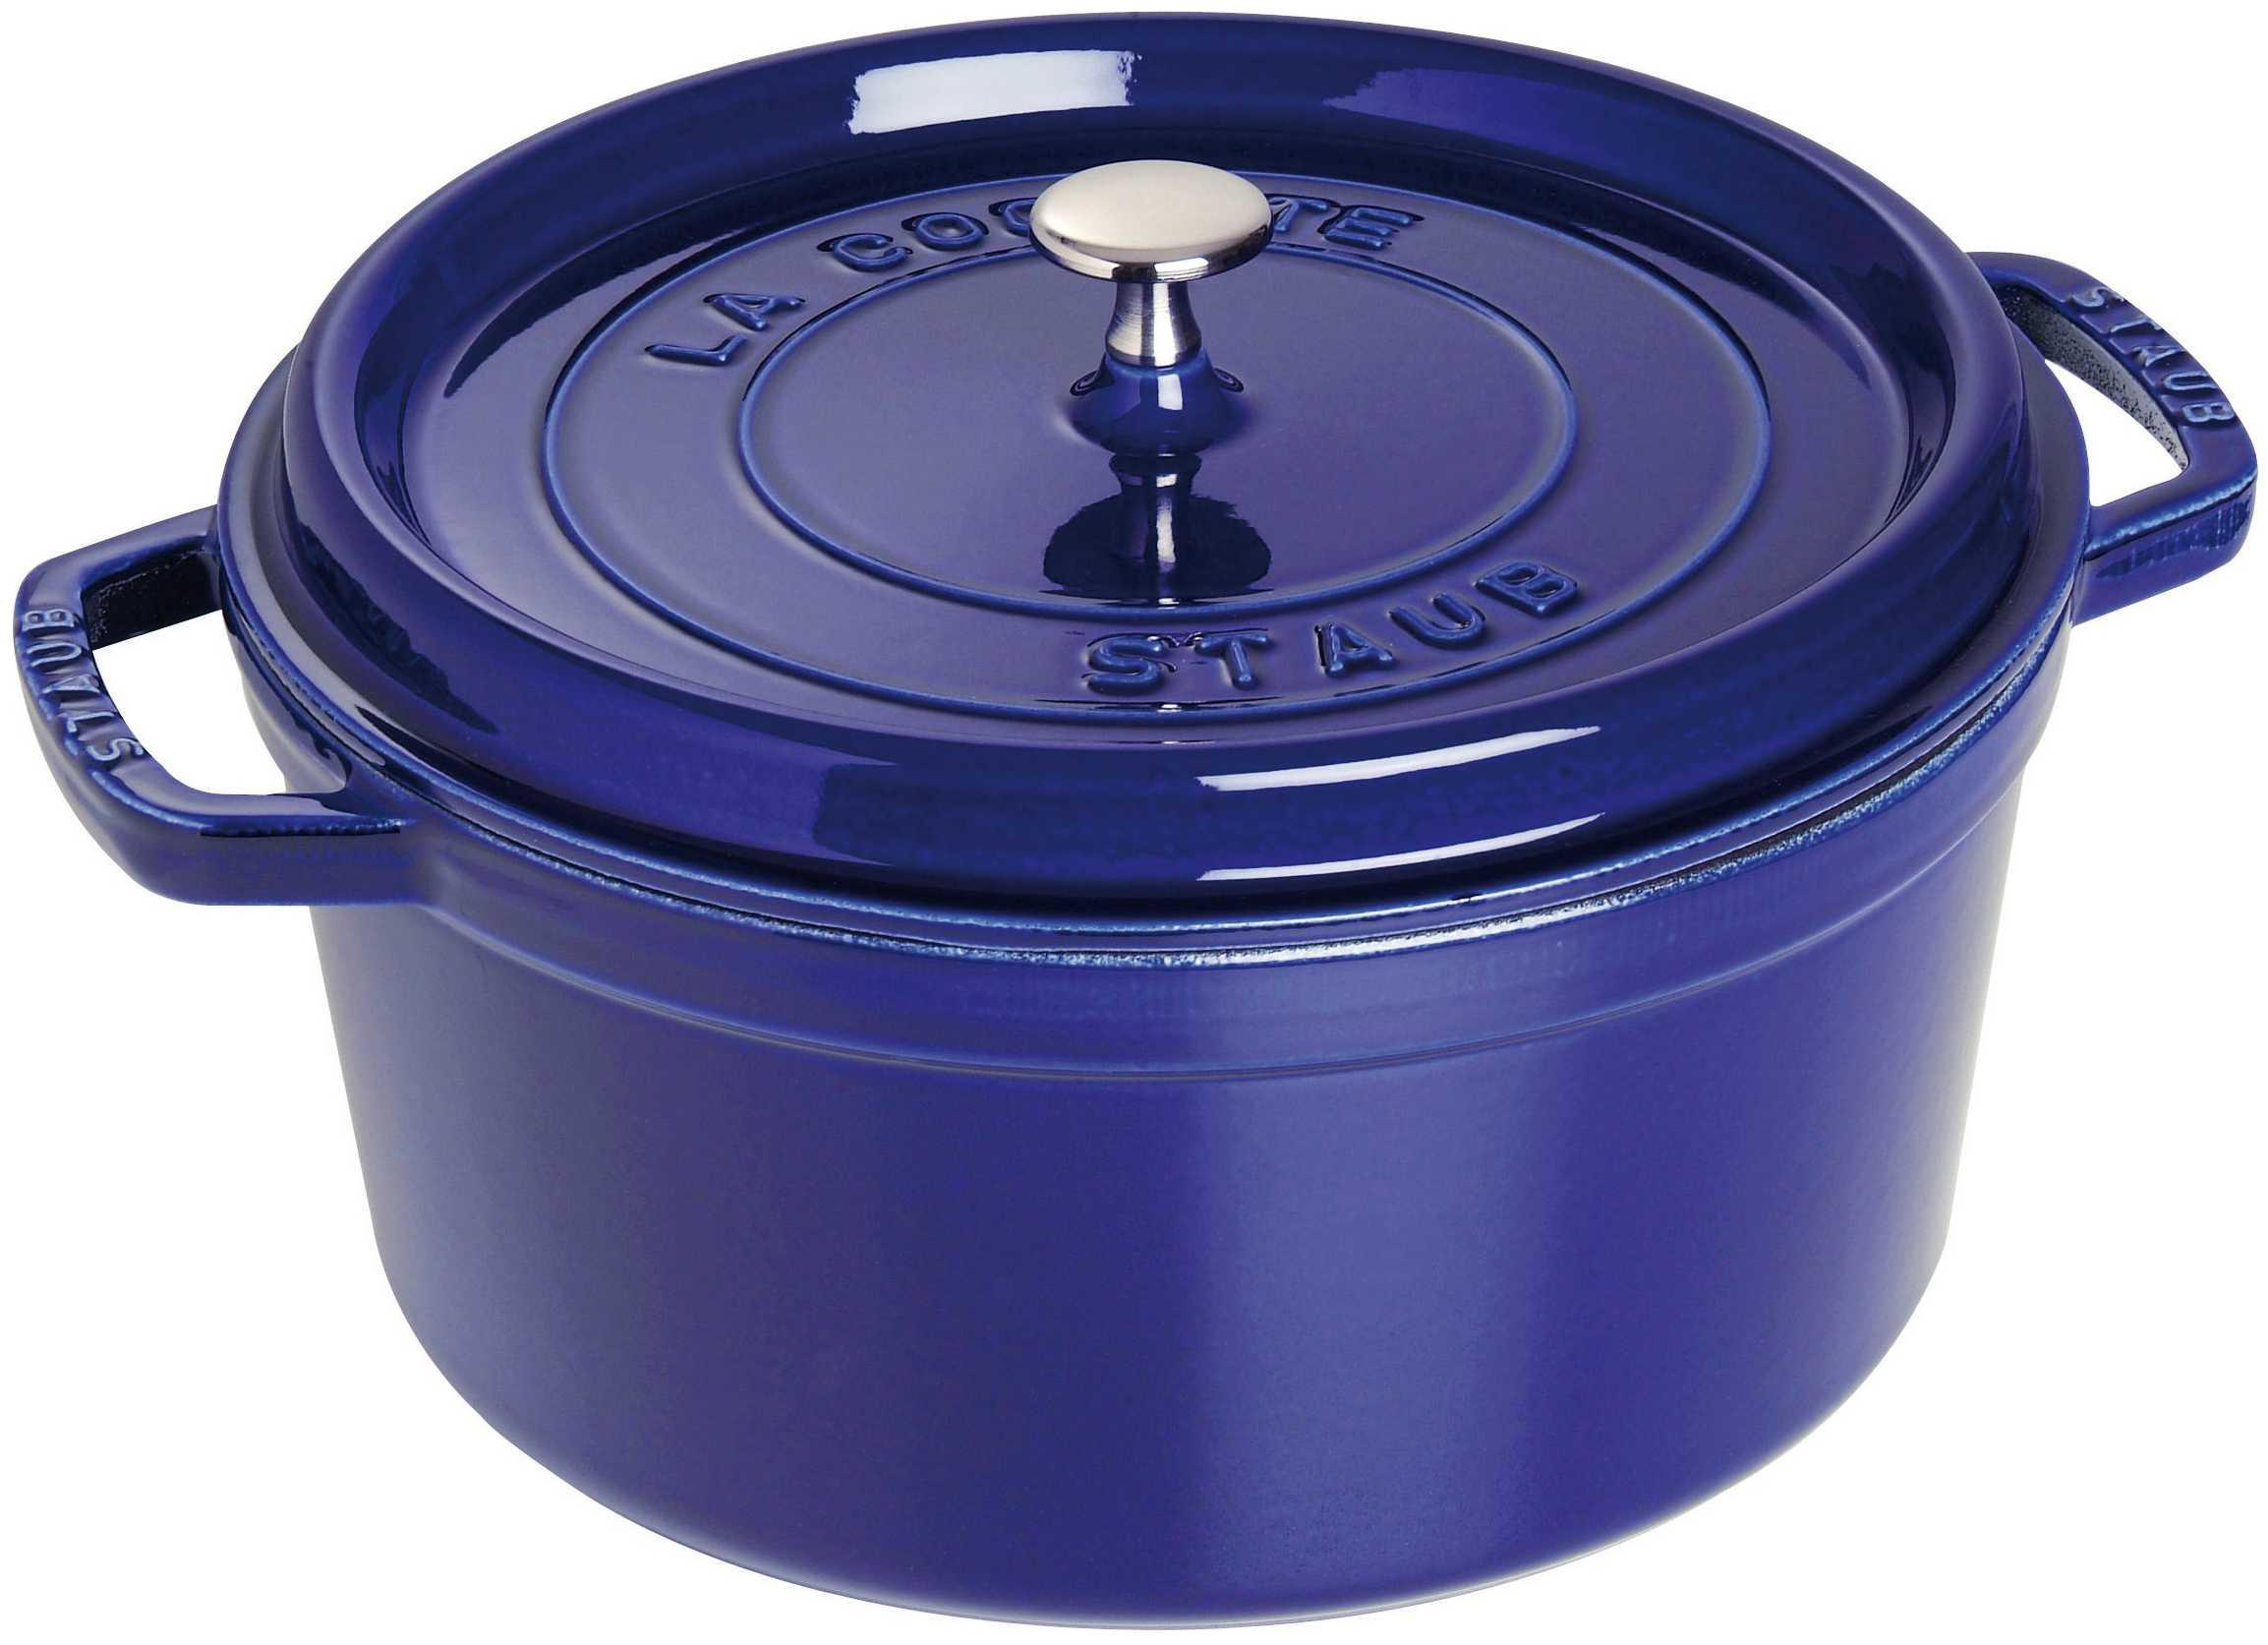 Référence produit  C Cocotte ronde 28,0 cm, 5,85 l, bleu intense, ada.  Marque  Staub Catégorie  Cocotte en fonte e8cc70f03e22